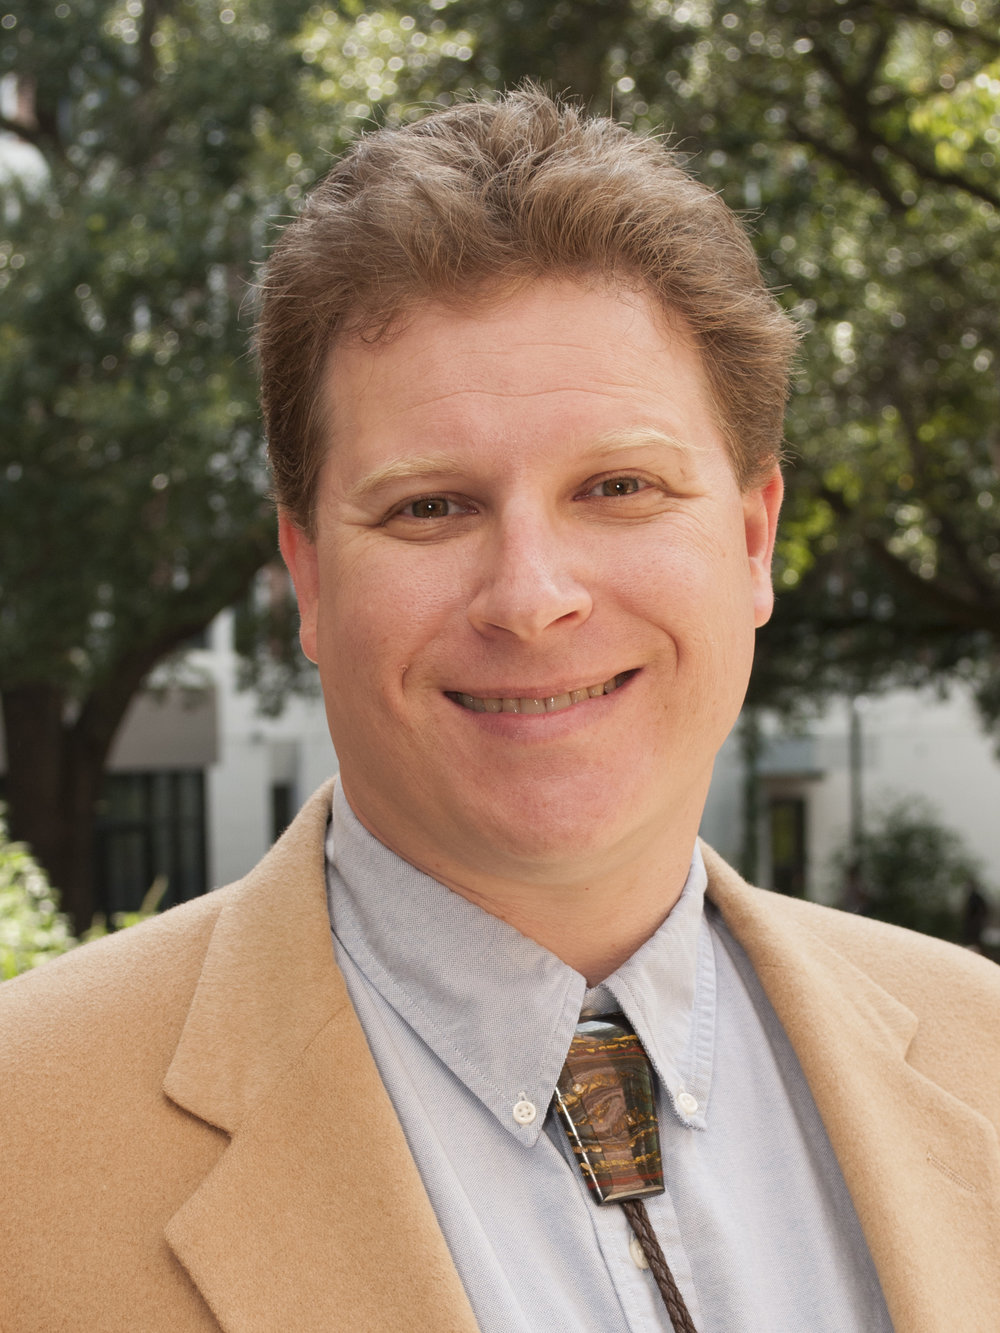 Darren A. Prum